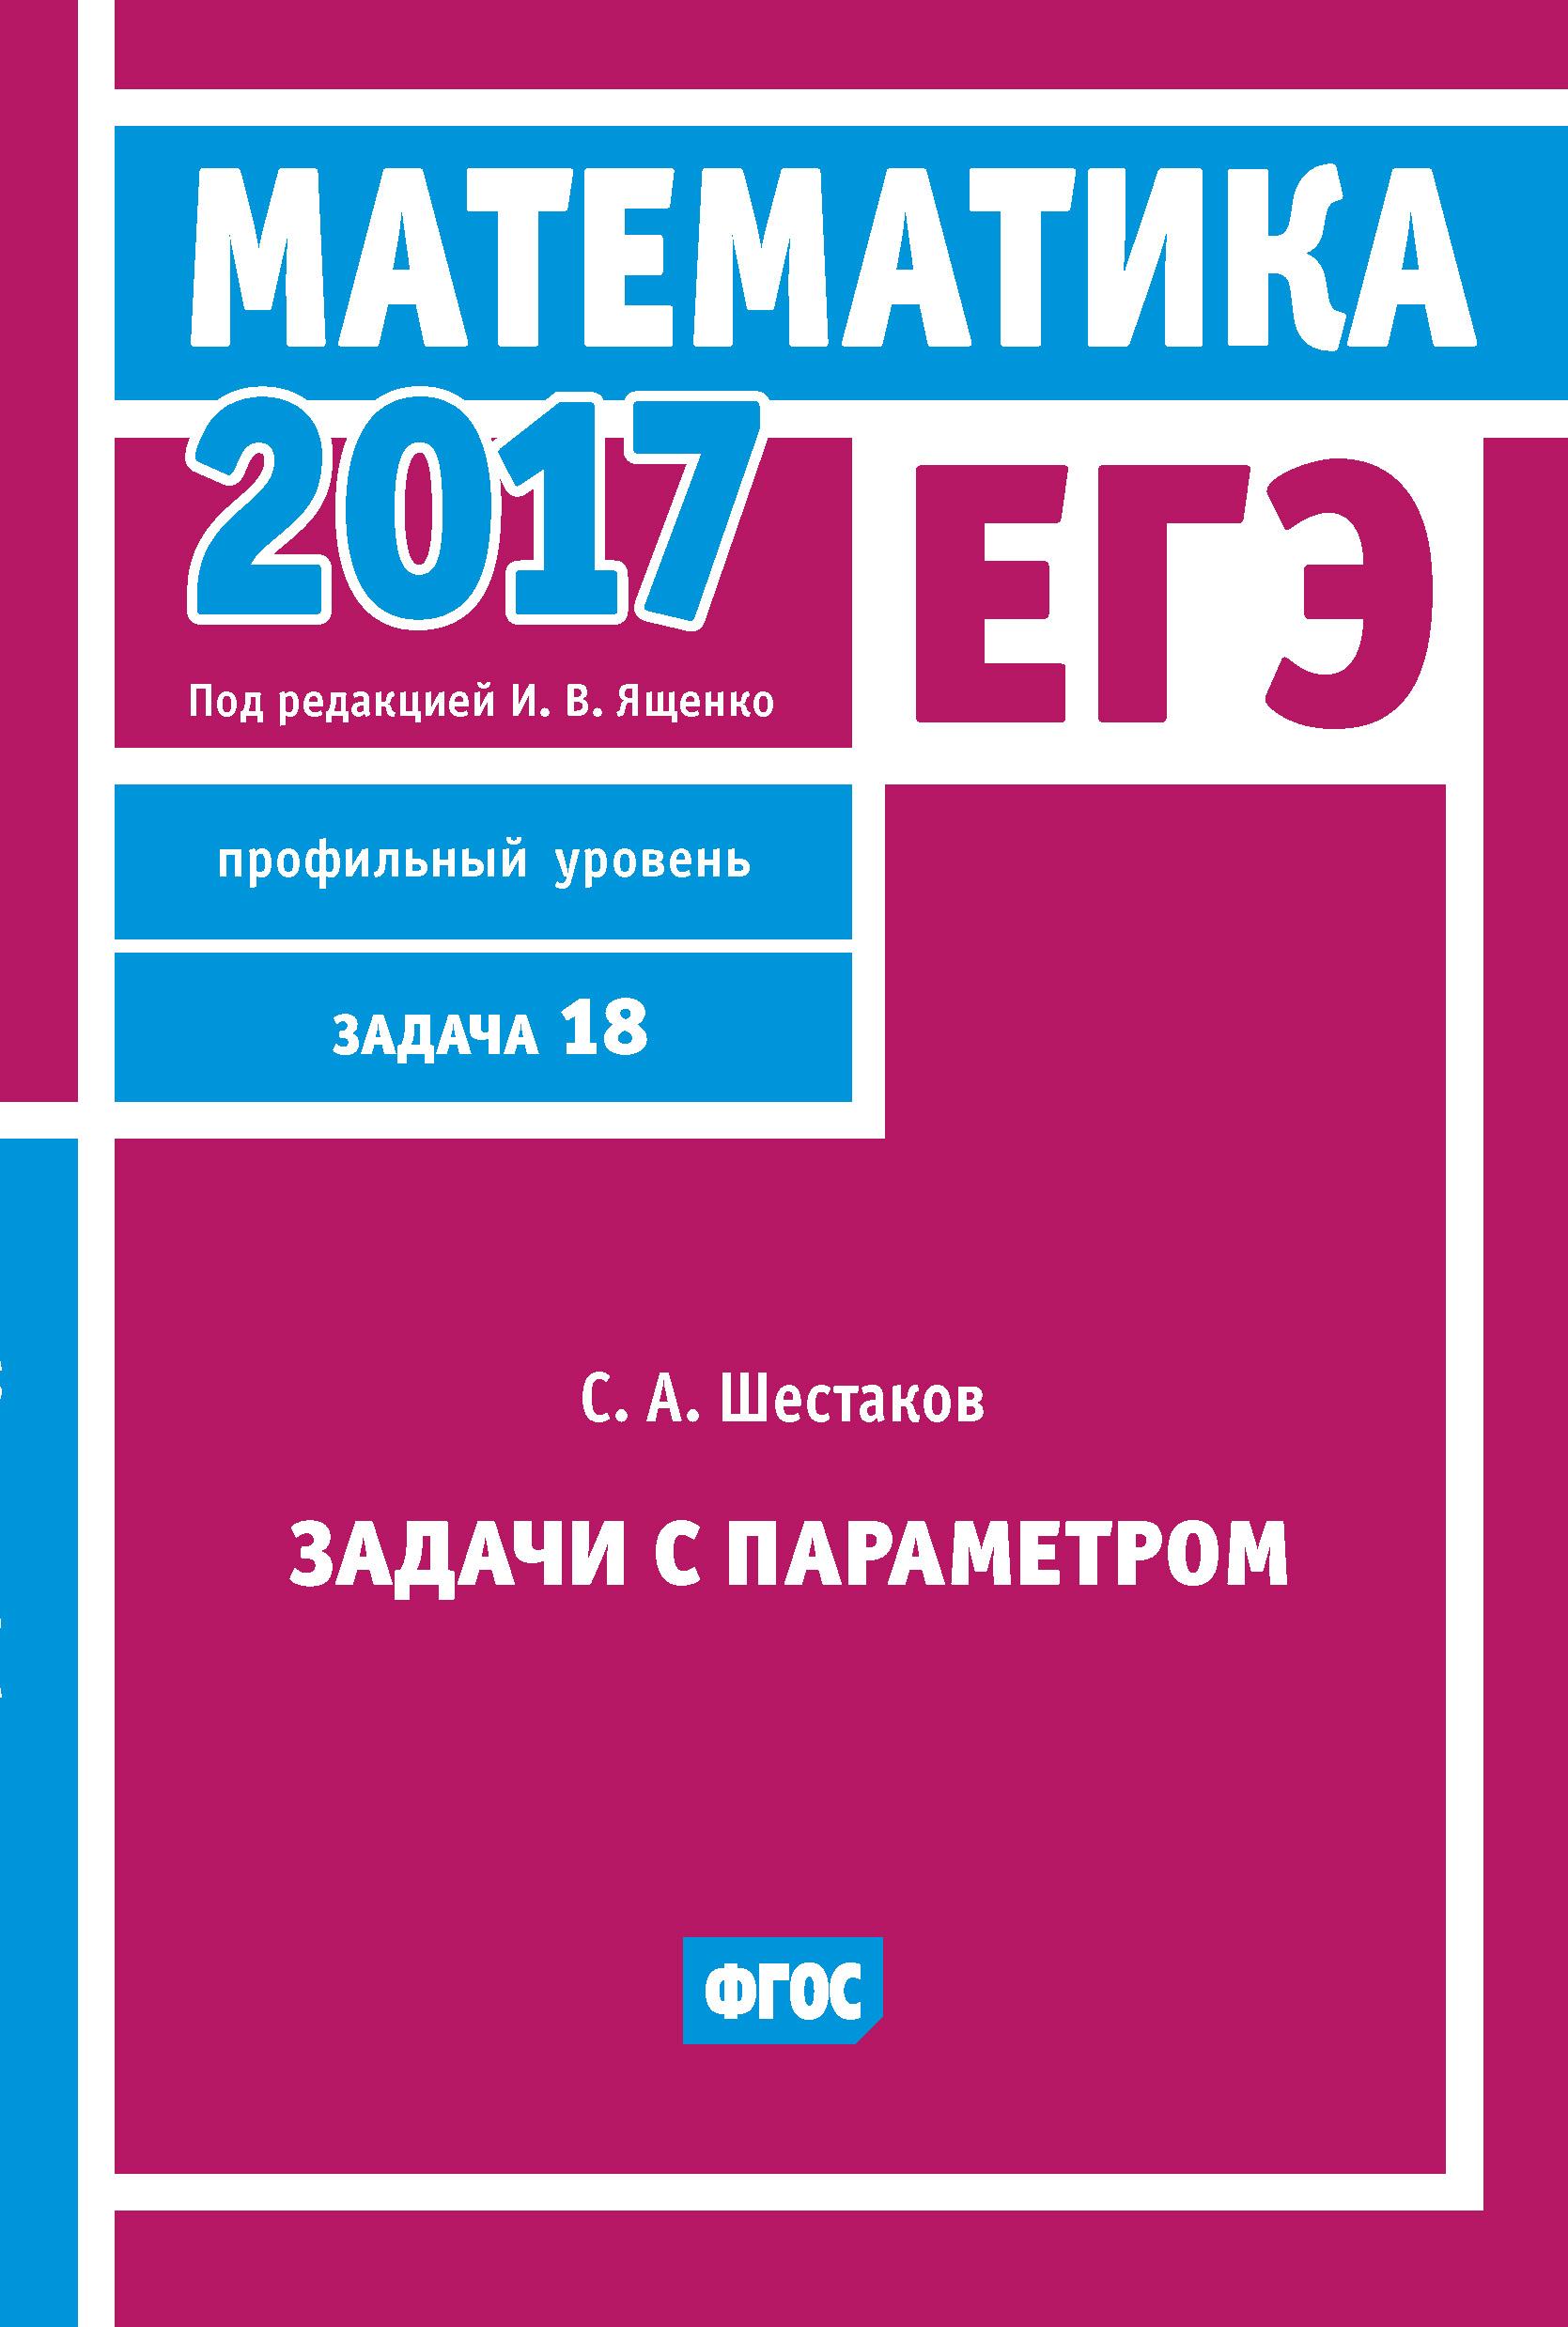 С. А. Шестаков ЕГЭ 2017. Математика. Задачи с параметром. Задача 18 (профильный уровень)